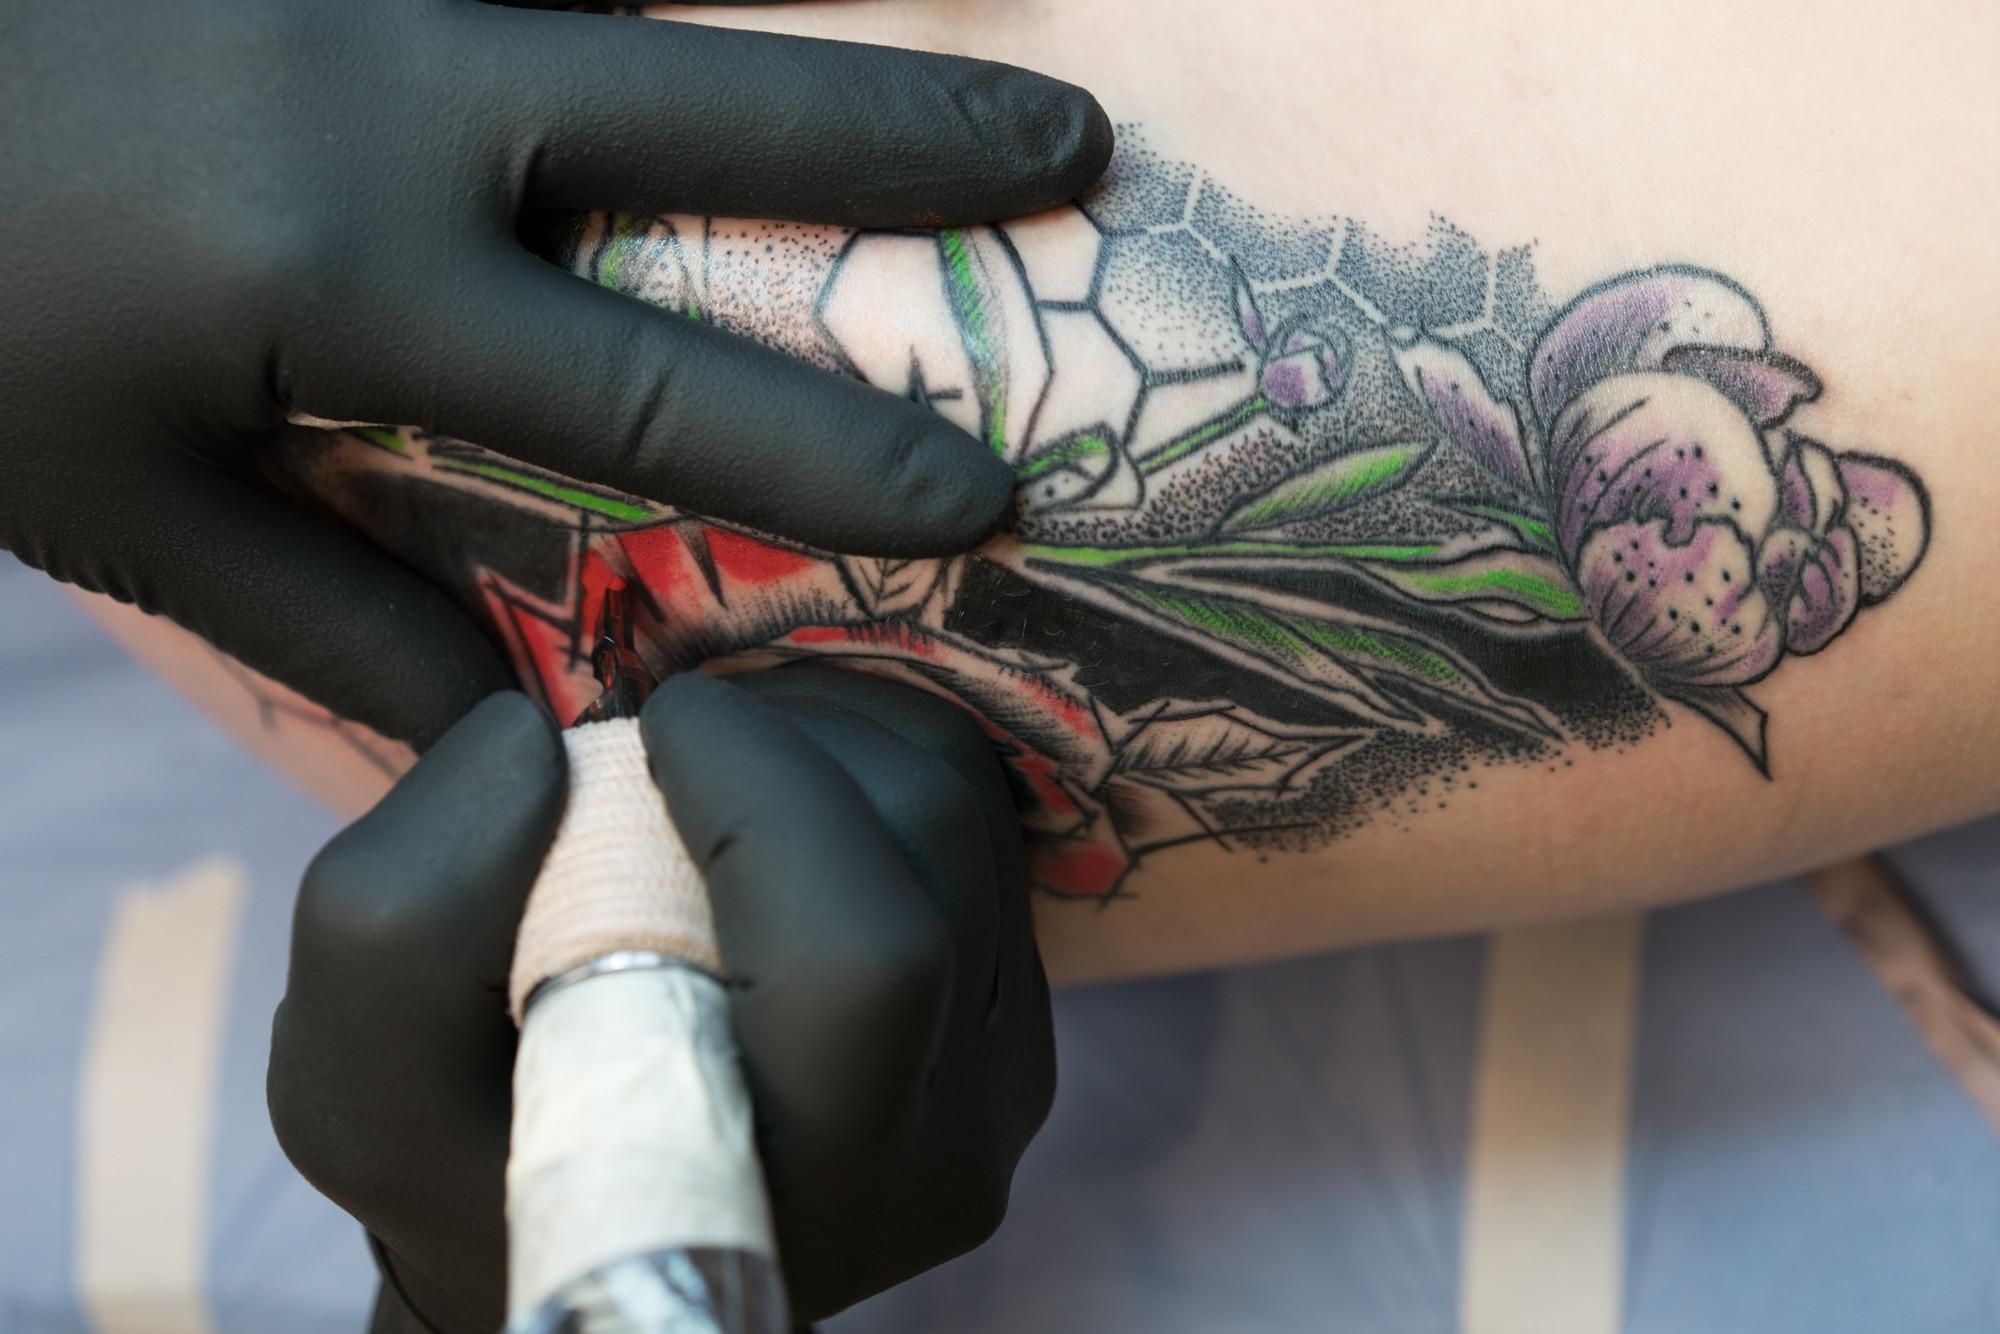 Les mains de Damien s'emploient à remplir une section du tatouage sur la hanche. On peut distinguer des fleurs stylisées